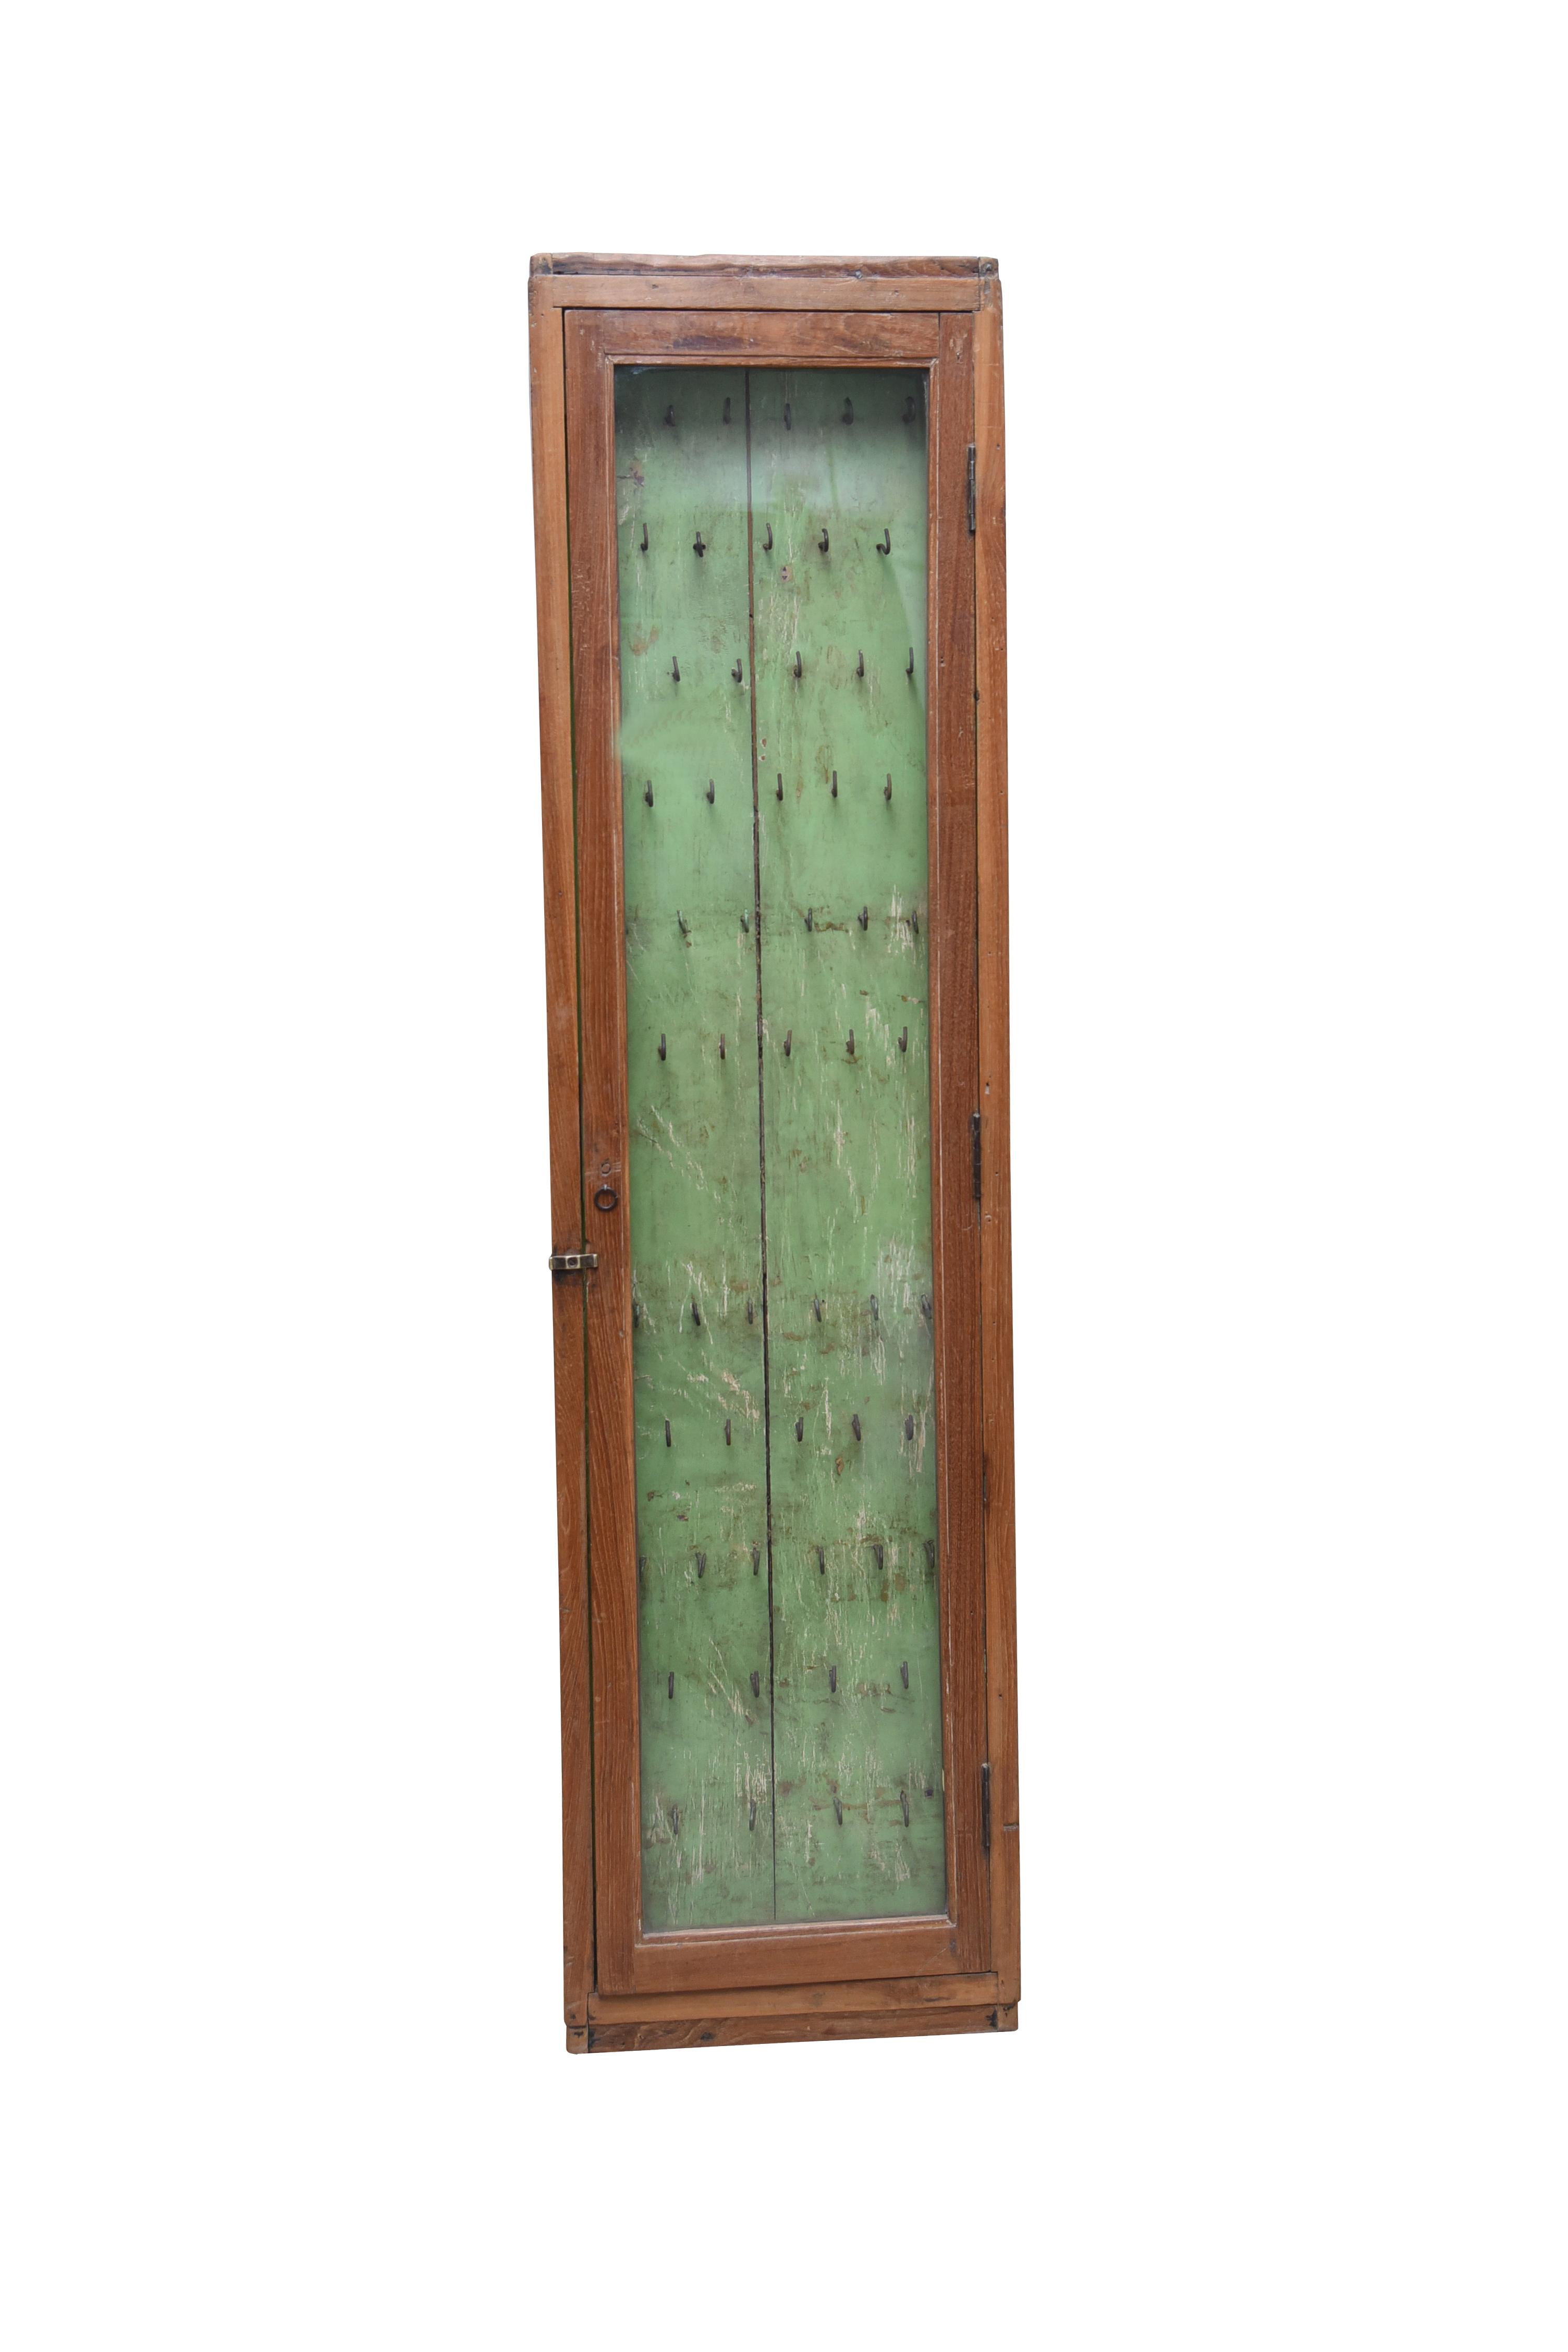 ANJO1803 - 37 x 9 x 142 cm